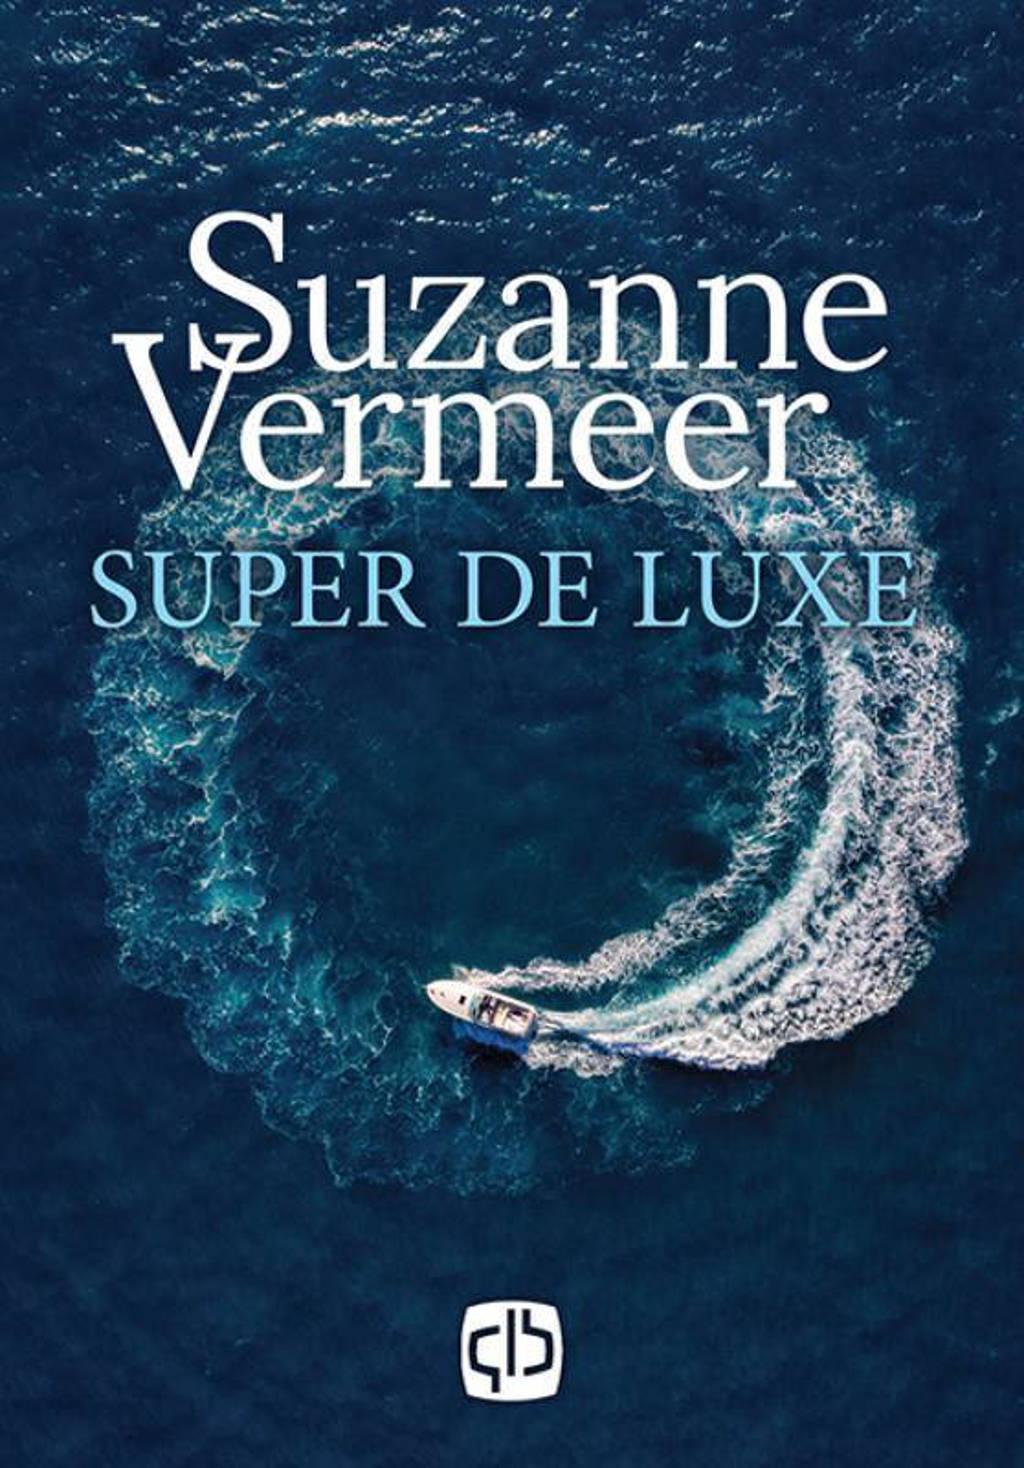 Super de luxe - Suzanne Vermeer